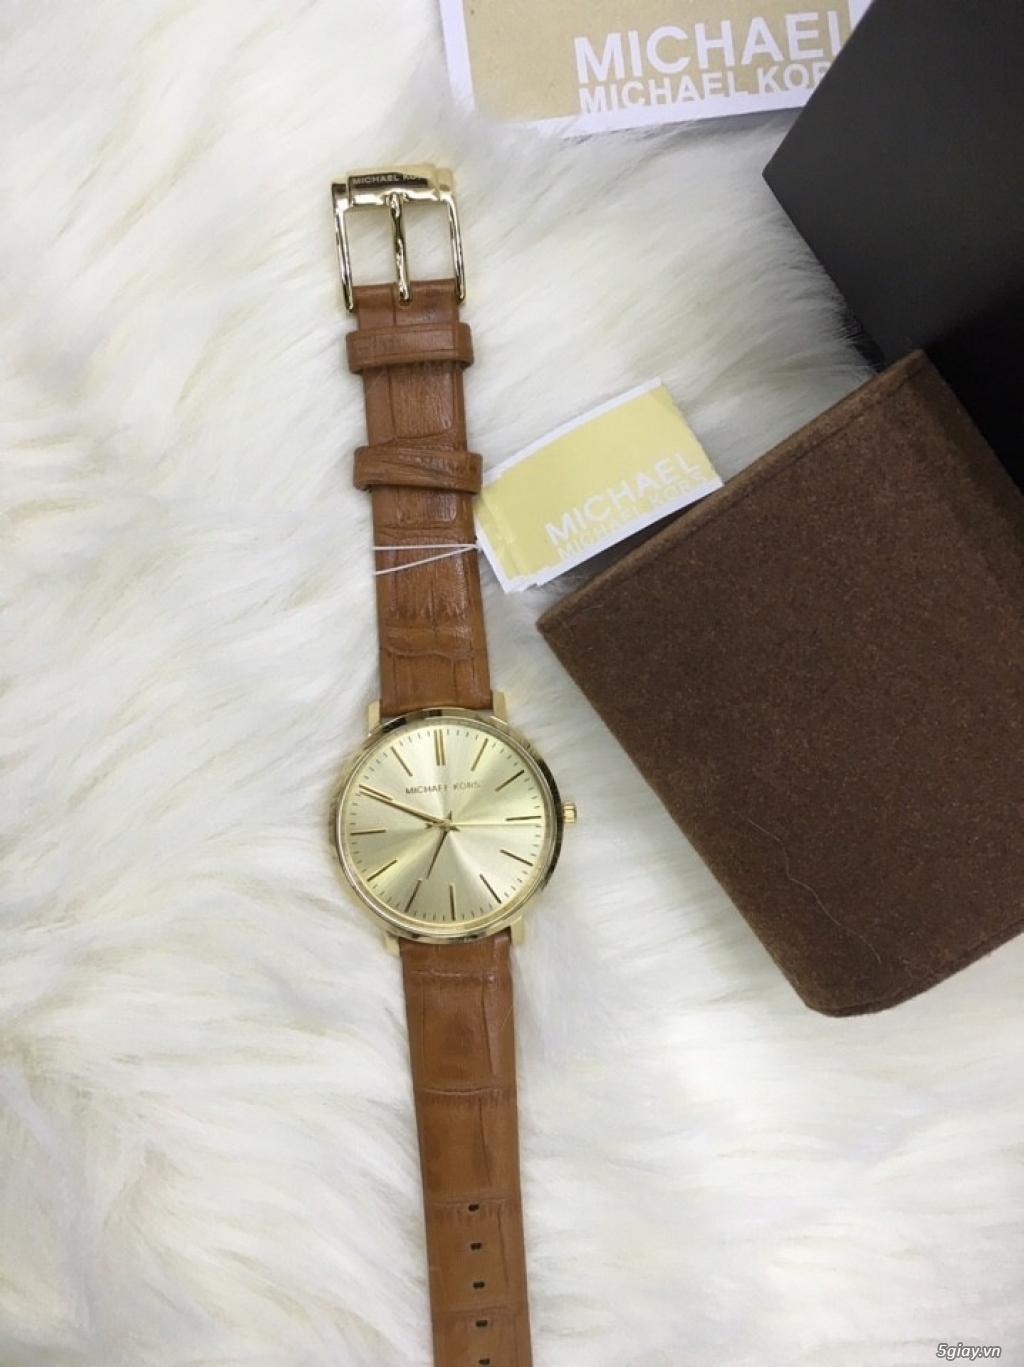 Đồng hồ chính hãng Michael Kors giá rẻ - 26